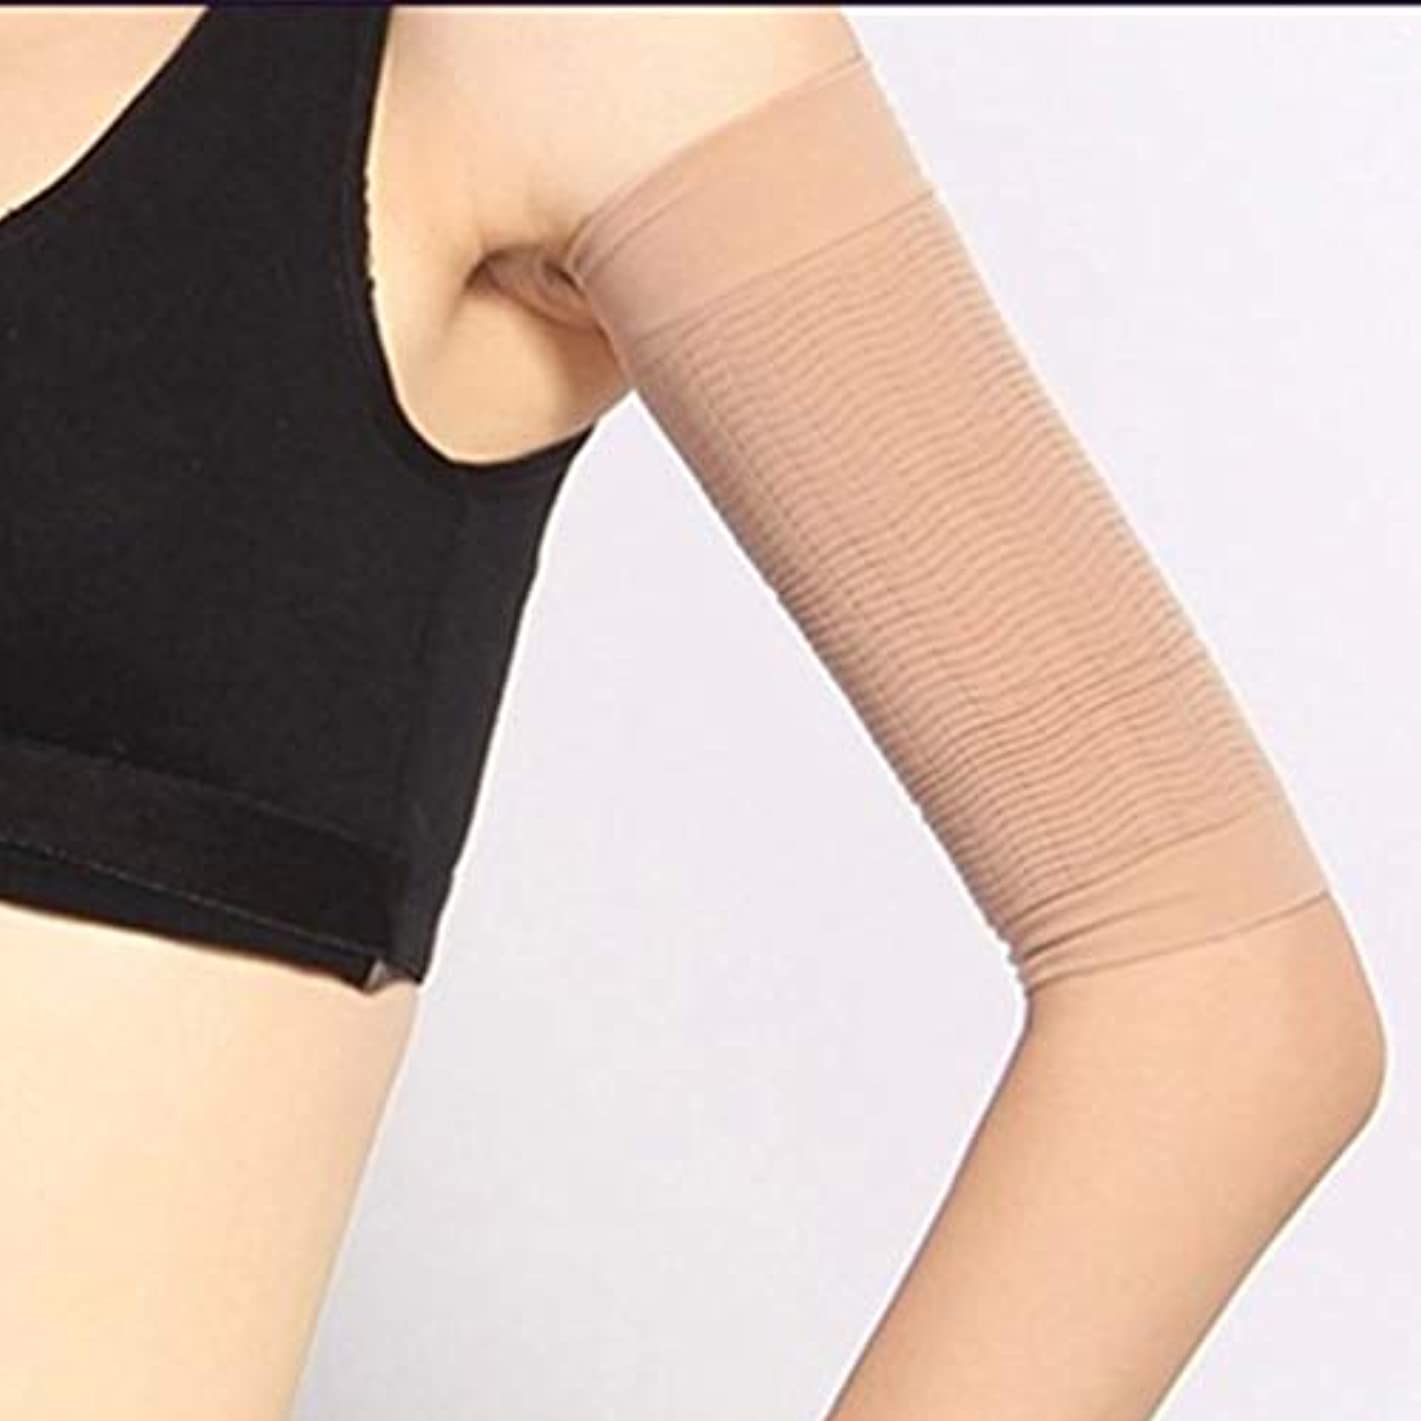 有利離婚散らす1ペア420 D圧縮痩身アームスリーブワークアウトトーニングバーンセルライトシェイパー脂肪燃焼袖用女性 - 肌色